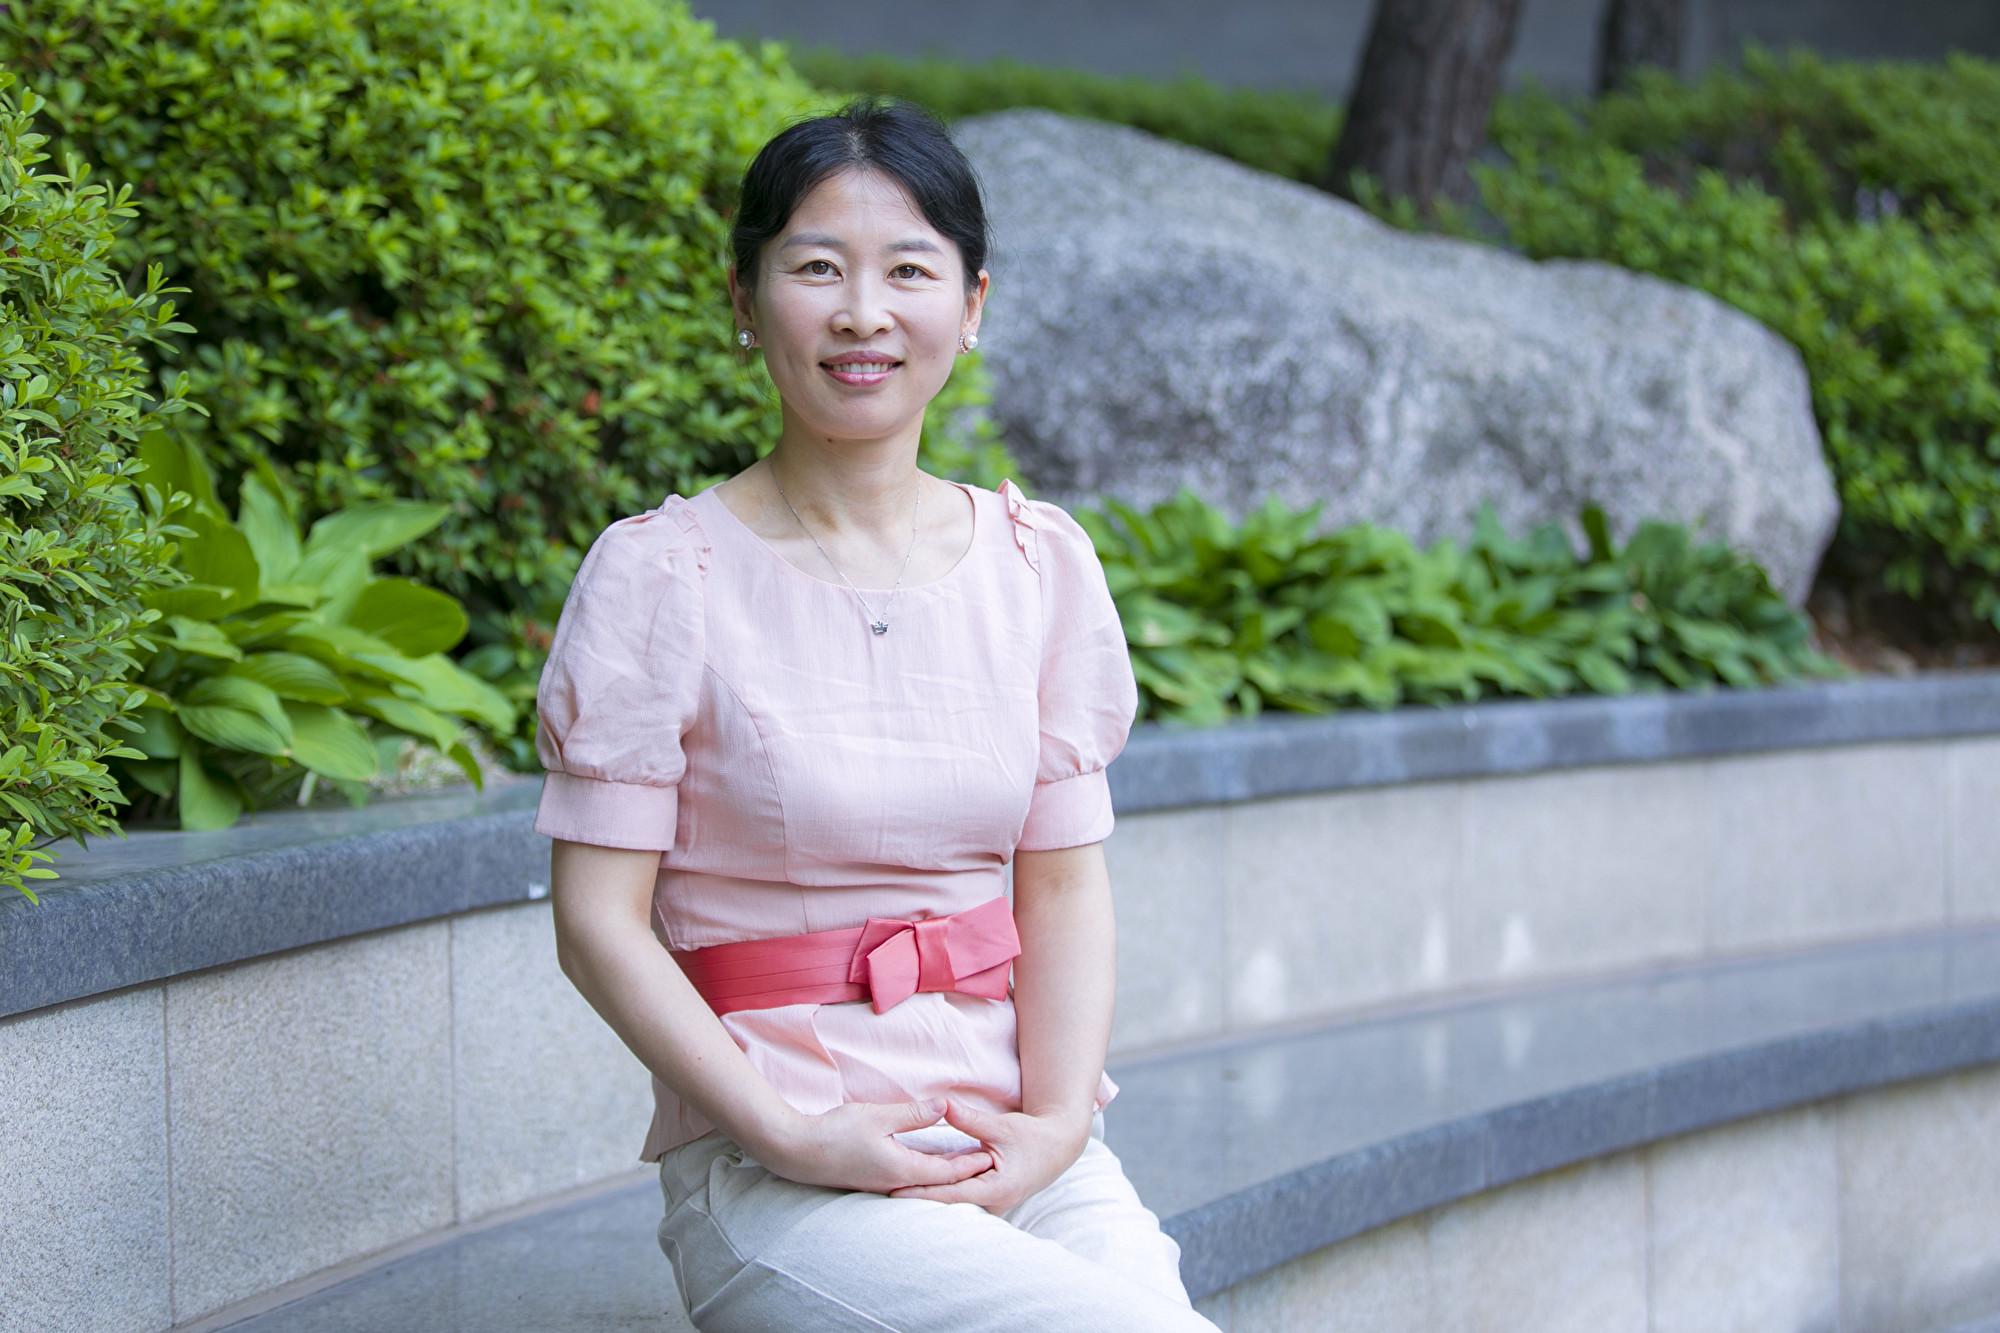 嫁到韓國的中國媳婦:守住善就能走出困境